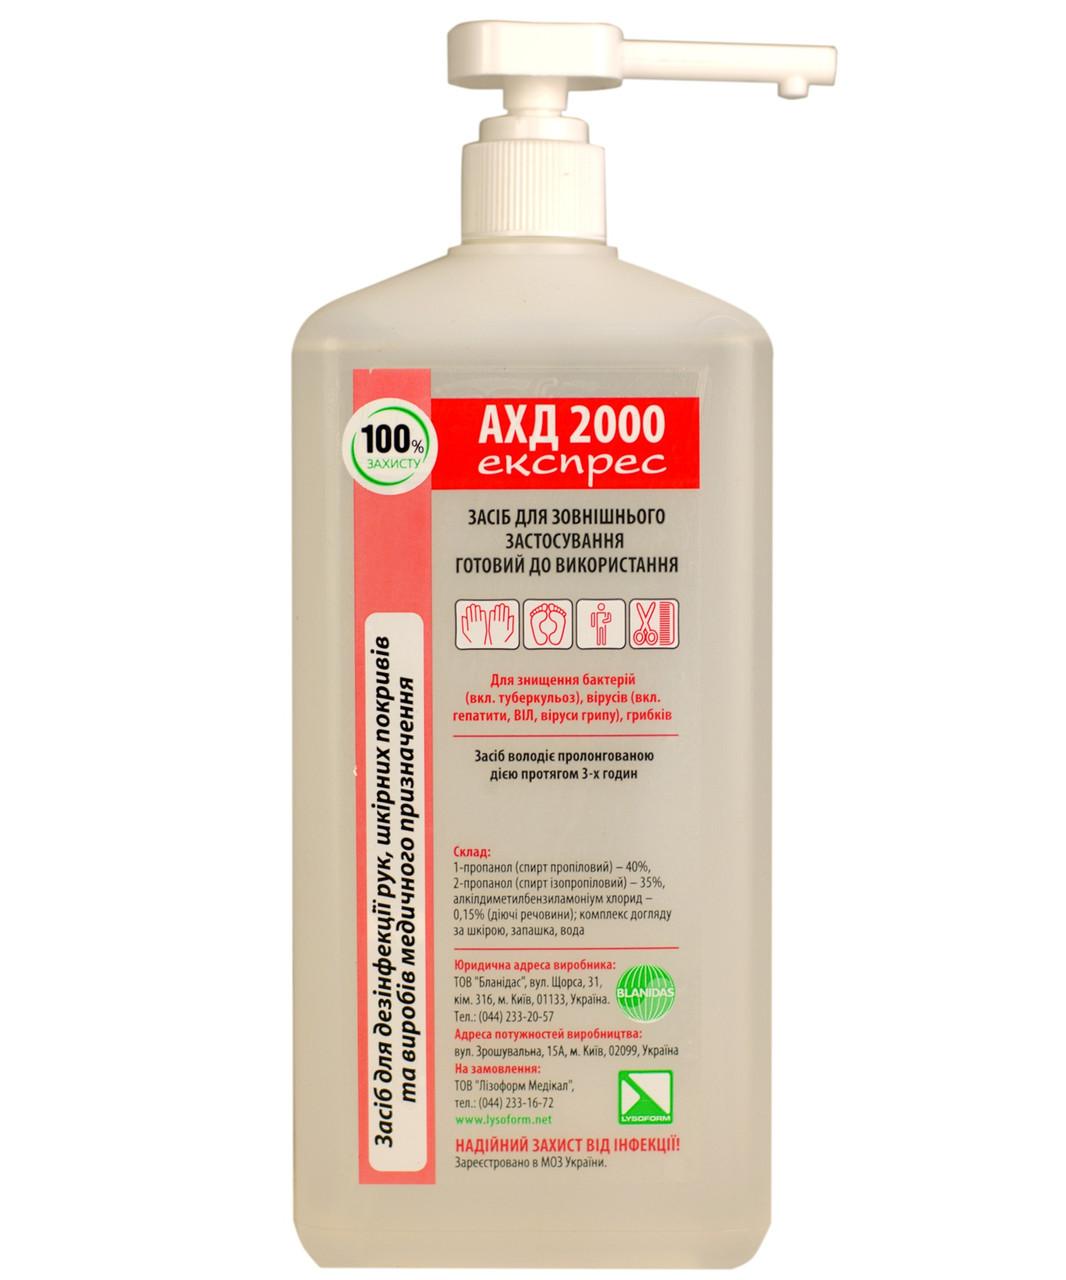 АХД 2000 экспресс дезсредство быстрого действия, 1 л